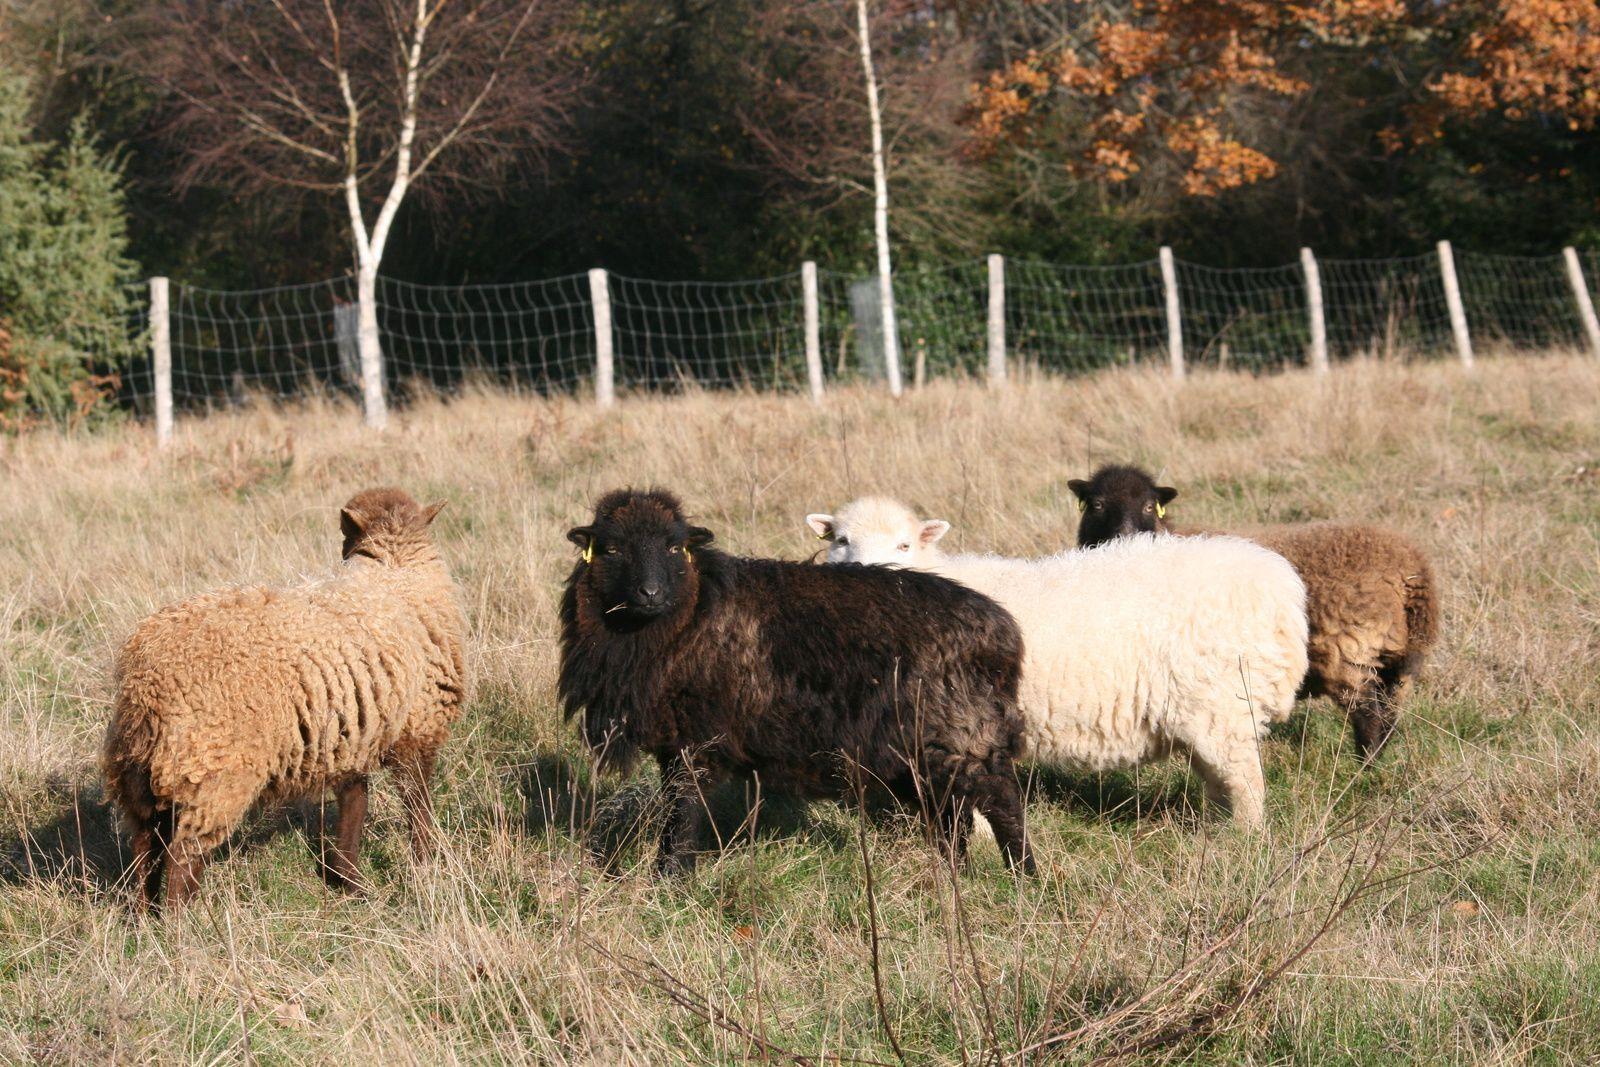 """Voilà la fin de cette galerie du jour. Tous les Lutins n'y sont pas, seules les vues les moins mauvaises ayant fini sur le net. J'espère que les amateurs de Ouessant auront autant de plaisir à """"voir du mouton"""" que je peux en avoir moi-même par ailleurs à l'occasion."""